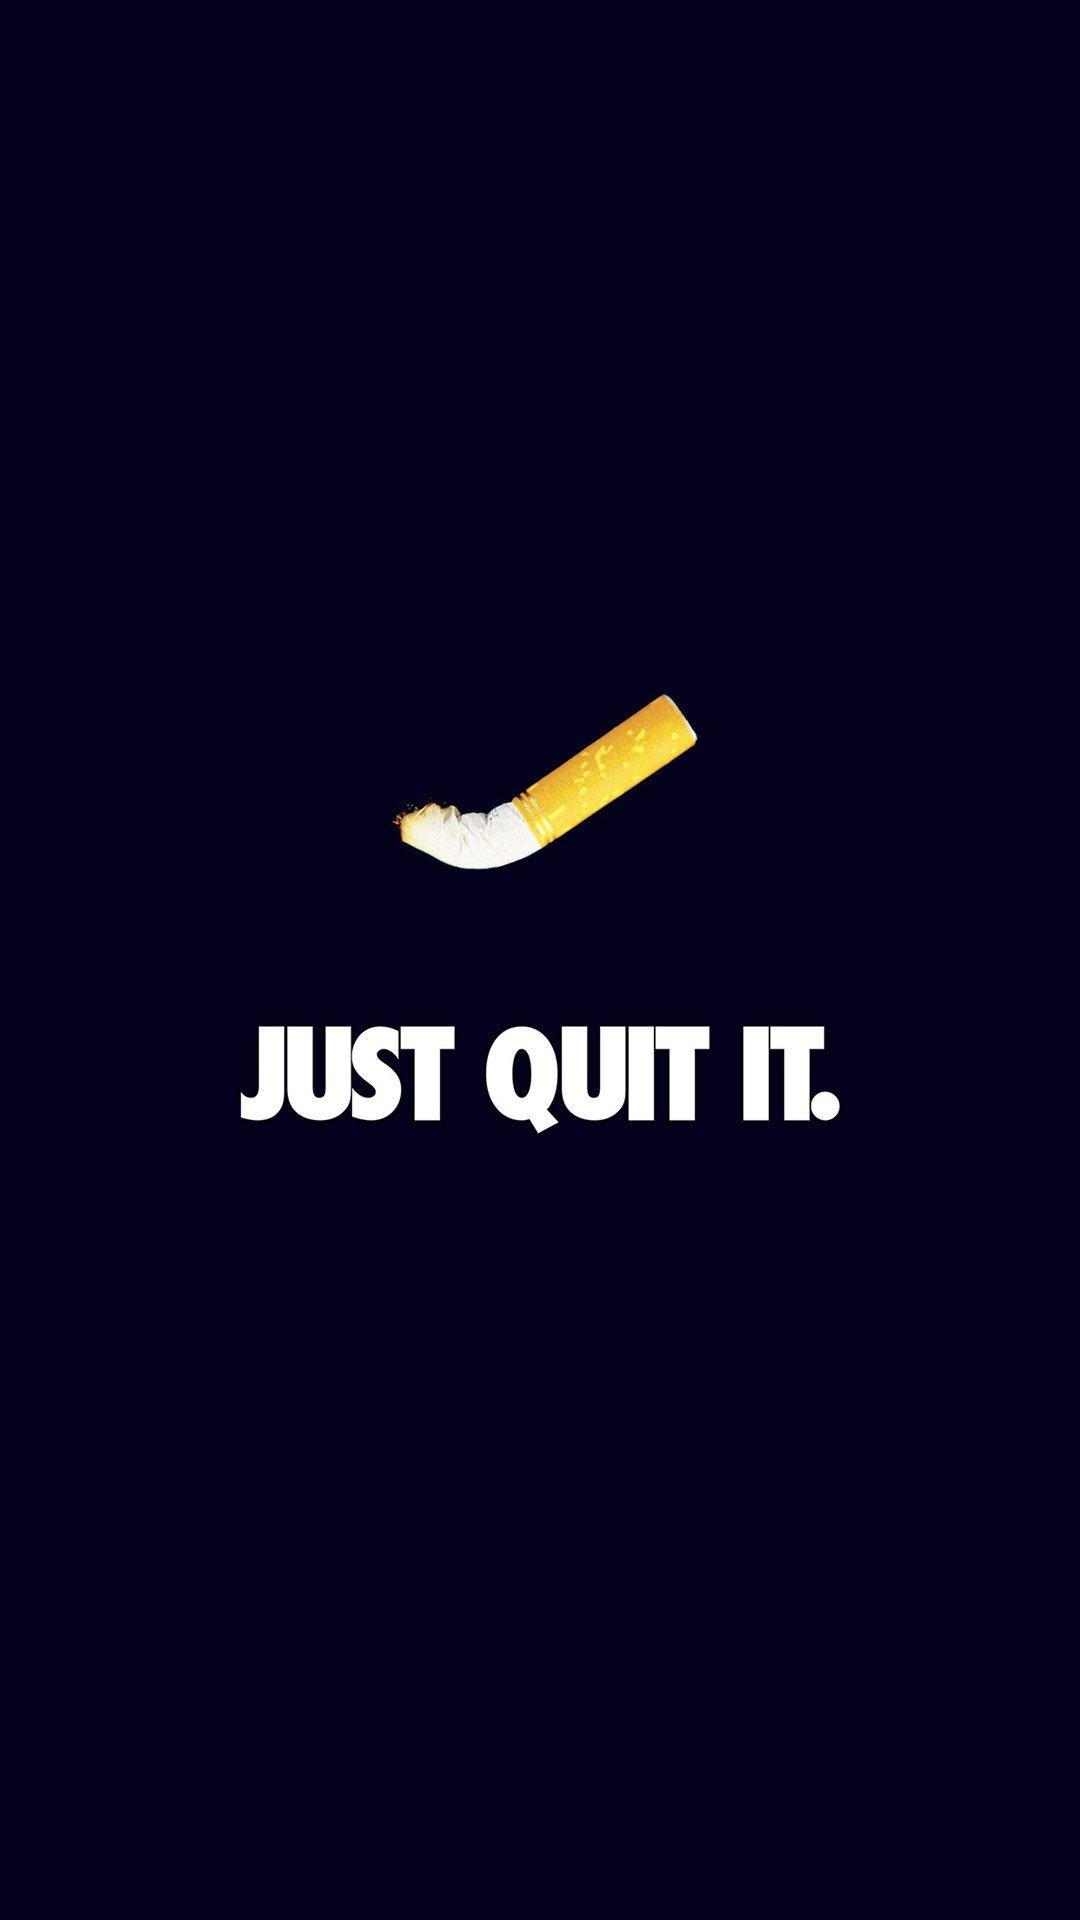 No Smoking Wallpapers WallpaperTag 1080x1920